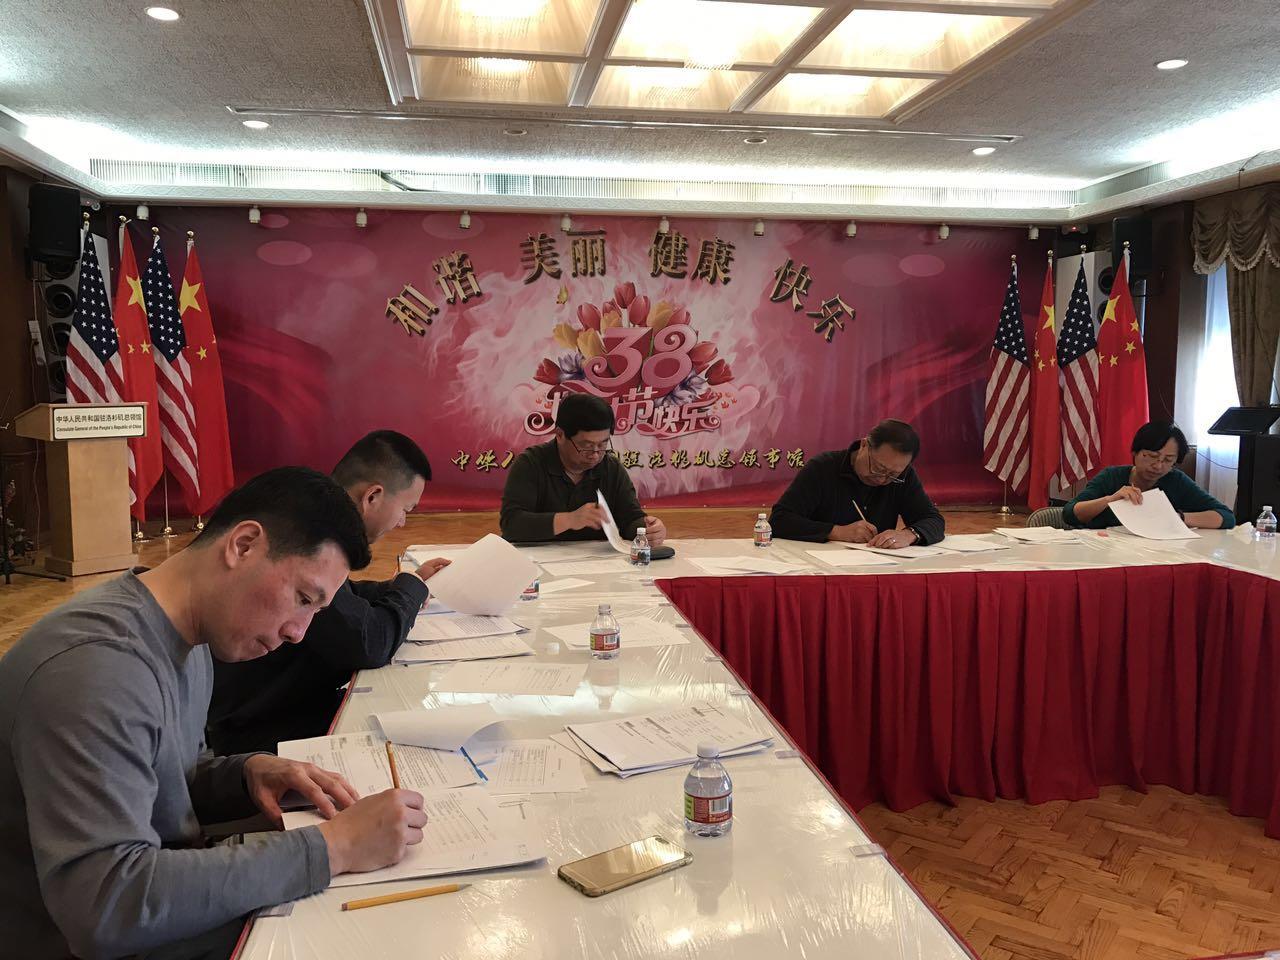 国泰银行和晨光基金会奖学金评审于日前在中国驻洛杉矶总领事馆完成